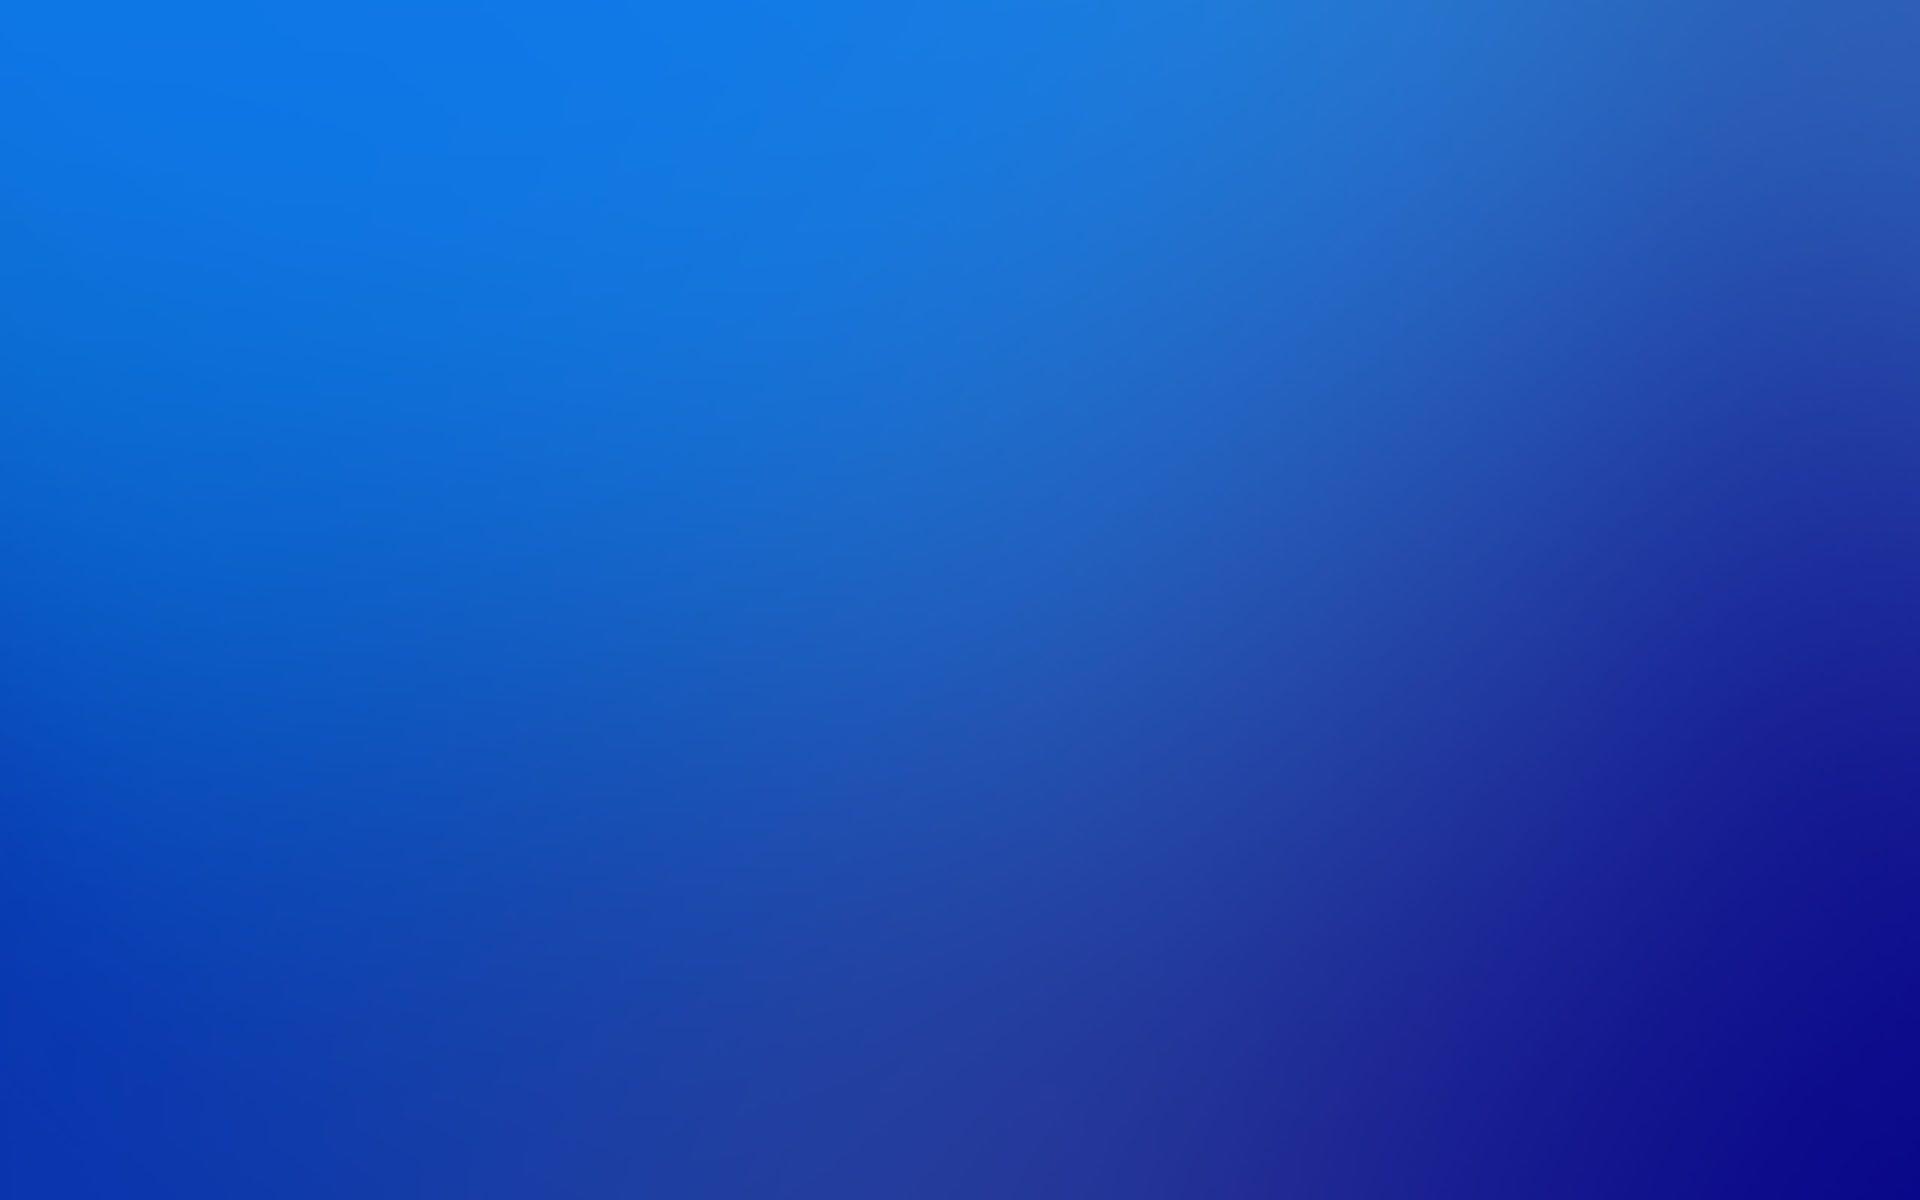 Fondos Azules Abstractos Gratis En Hd Gratis Para